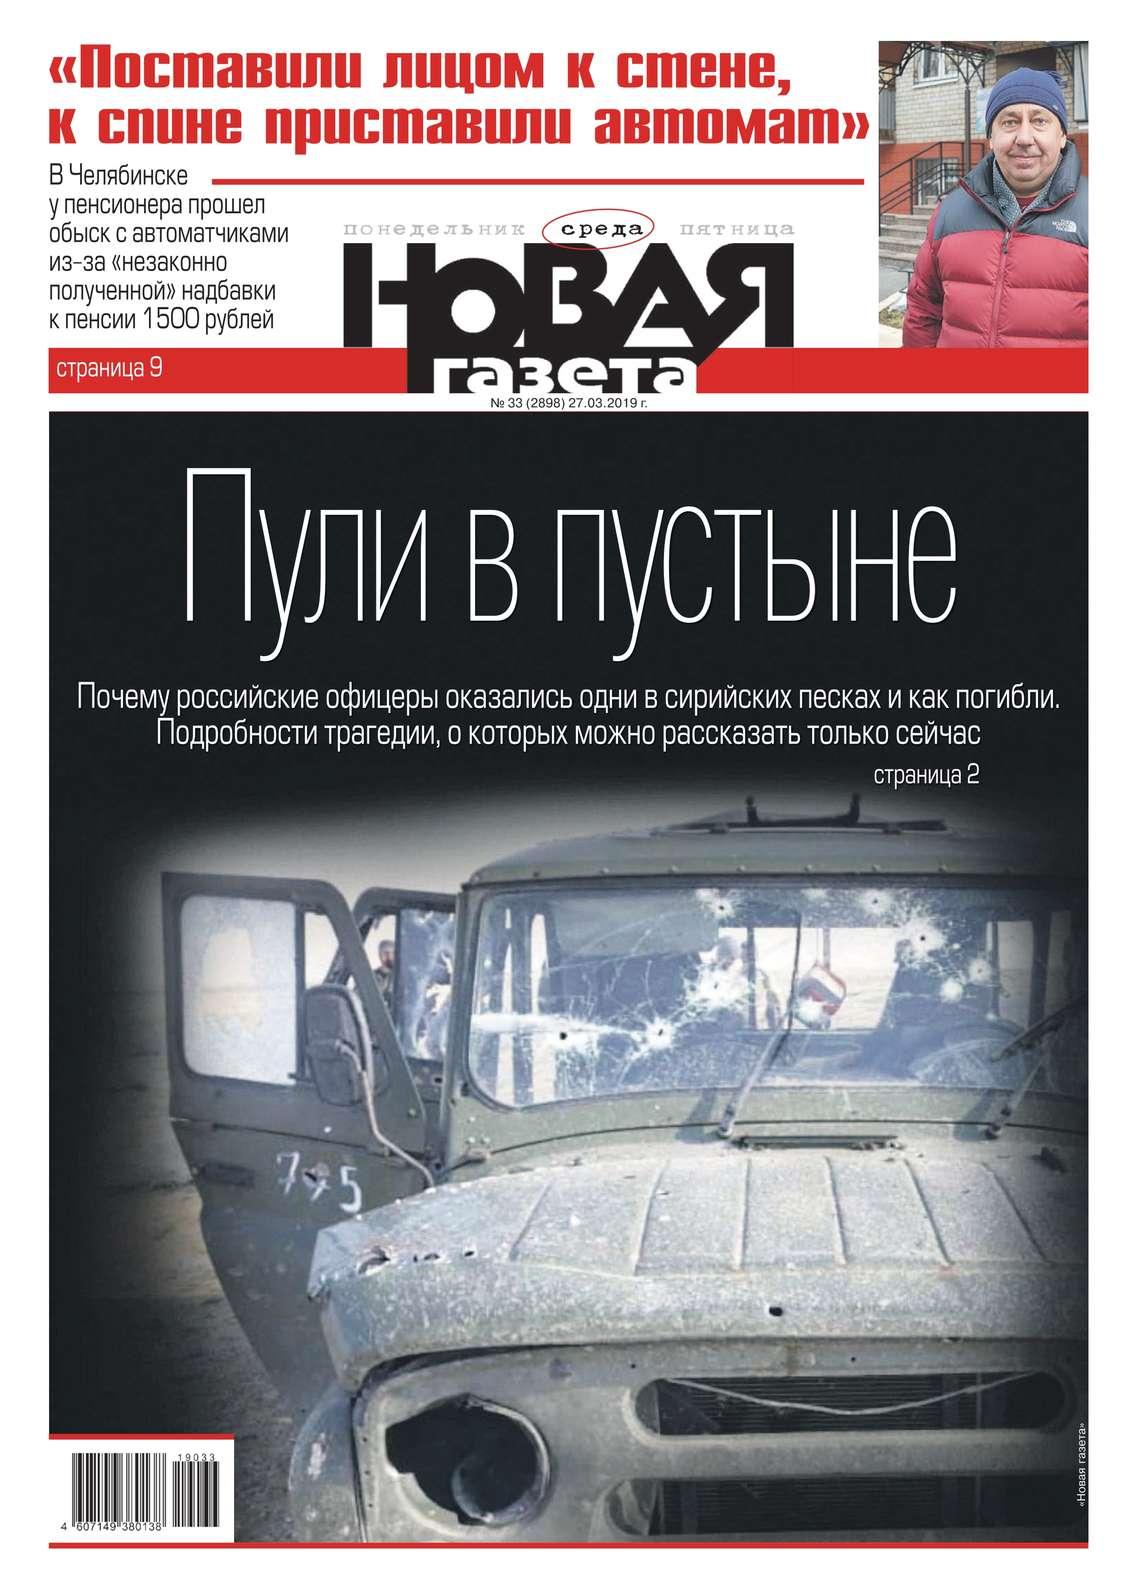 Редакция газеты Новая Газета Новая Газета 33-2019 андрей неклюдов золото для любимой новая редакция